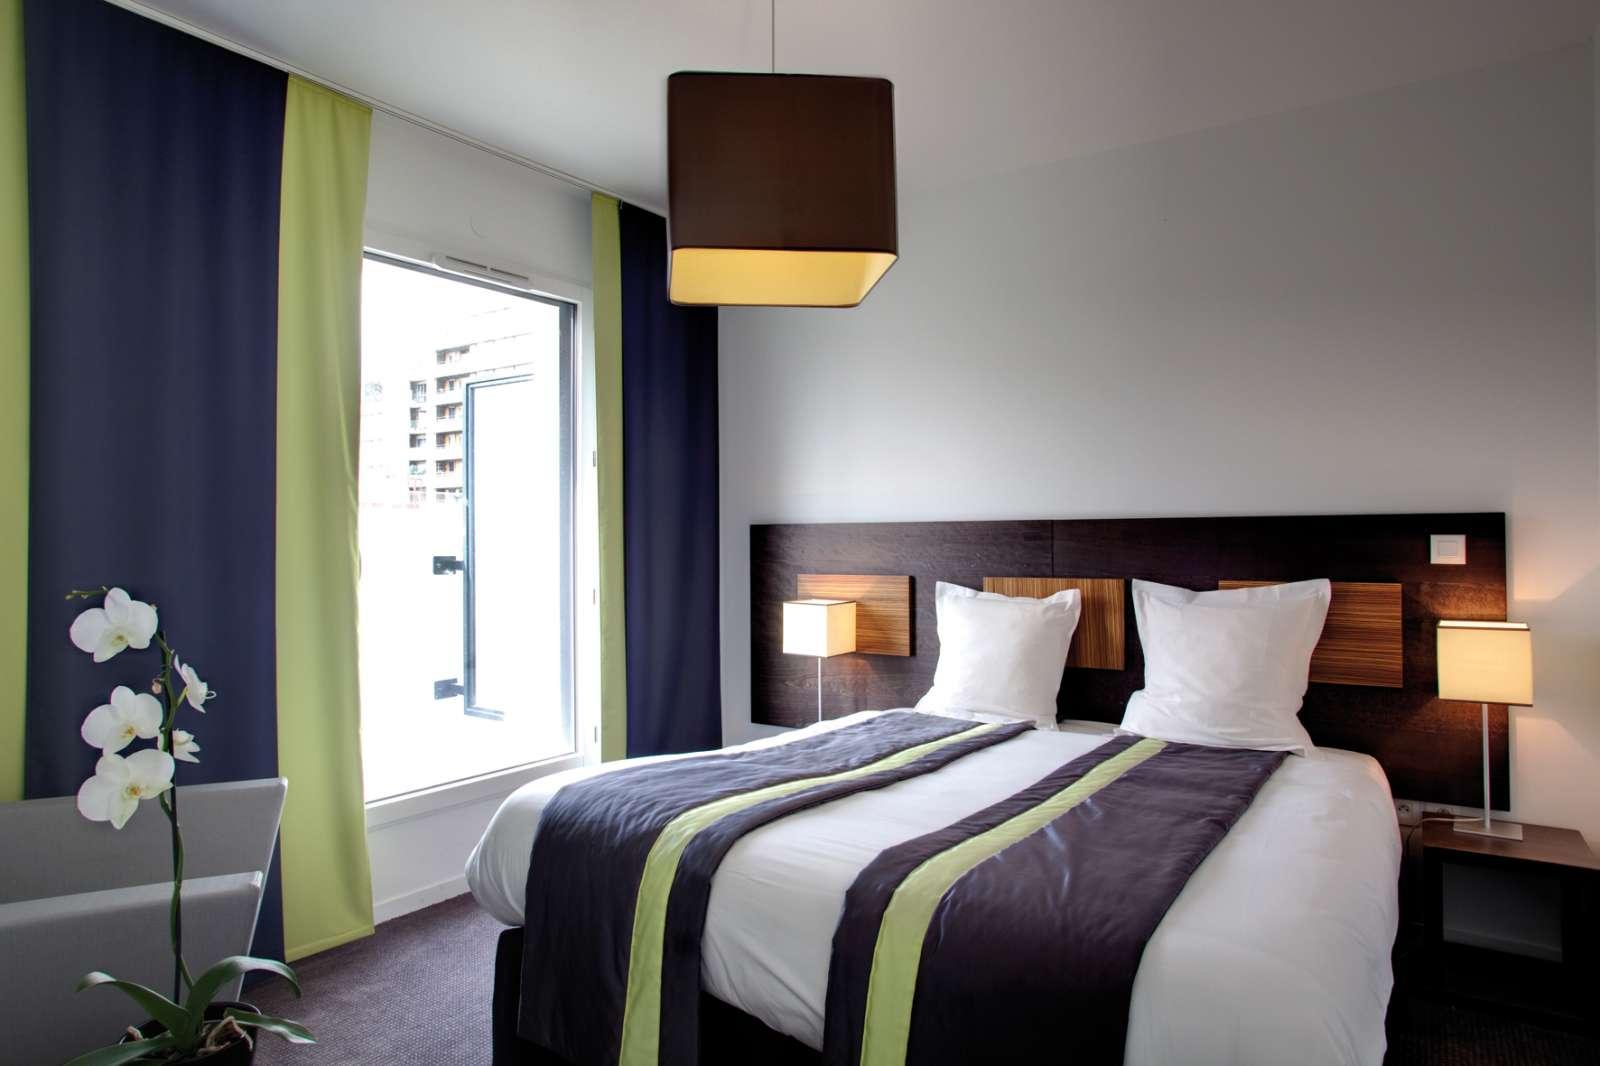 R sidence apart 39 hotel paris boulogne location vacances for Recherche hotel paris